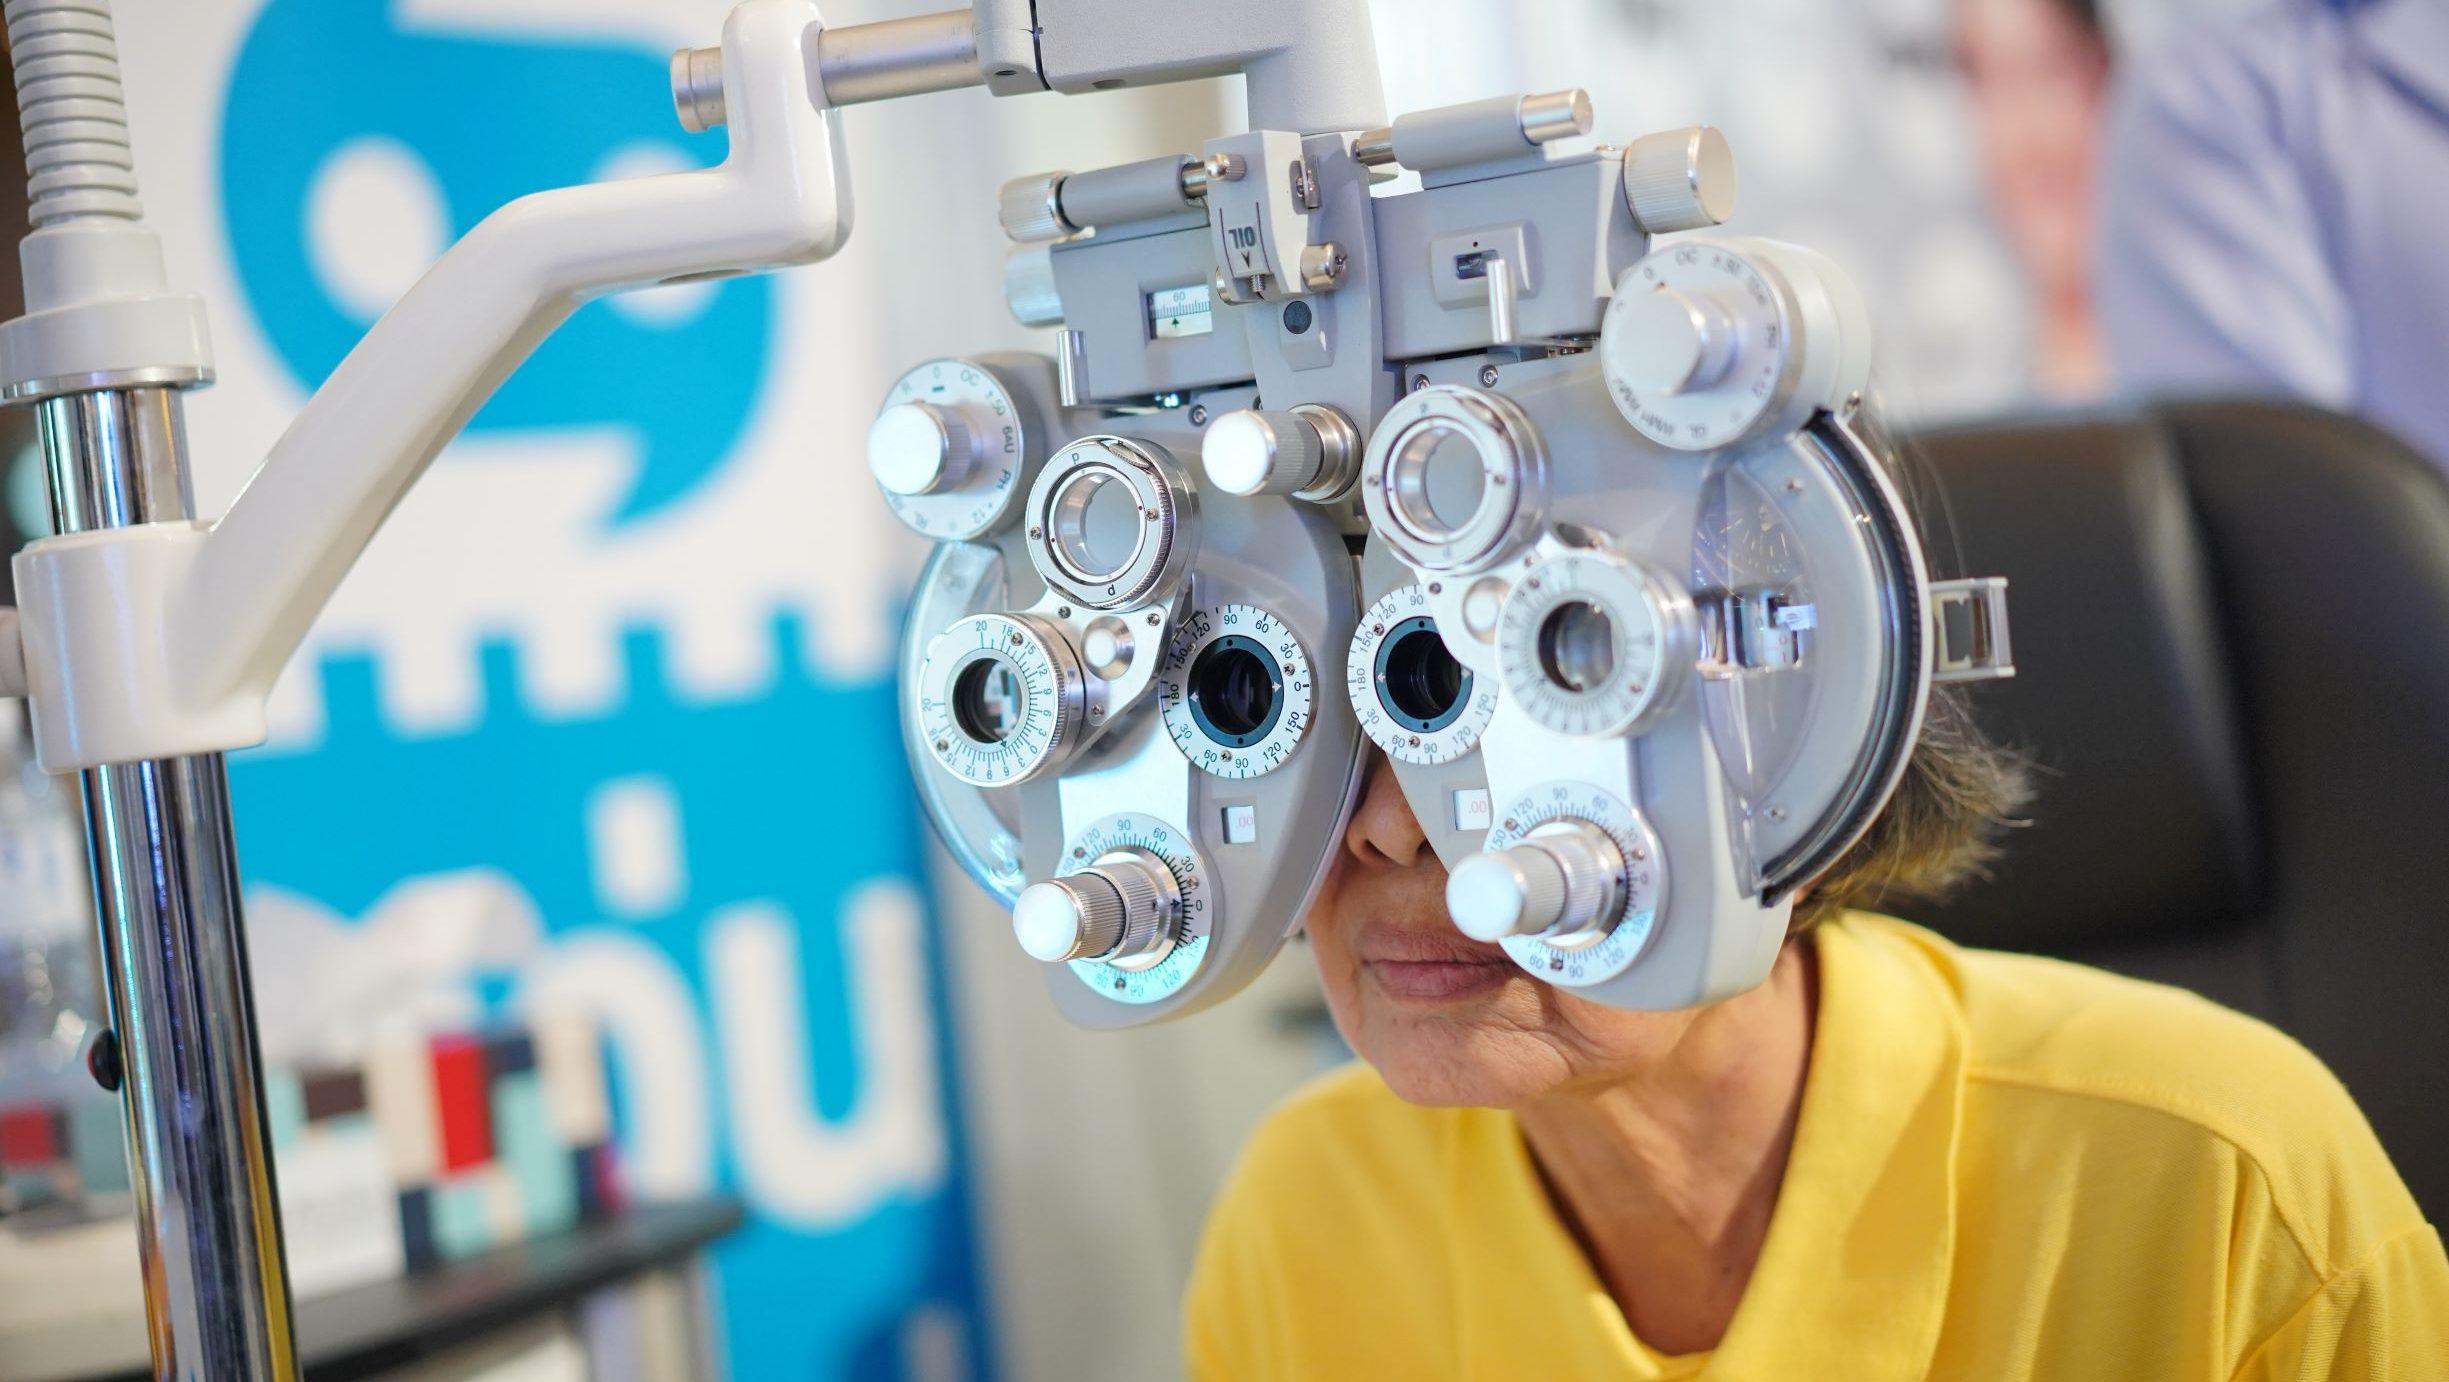 ตรวจสุขภาพ สุขภาพดวงตา เช็คดวงตา เช็คสายตา แว่นท็อปเจริญ